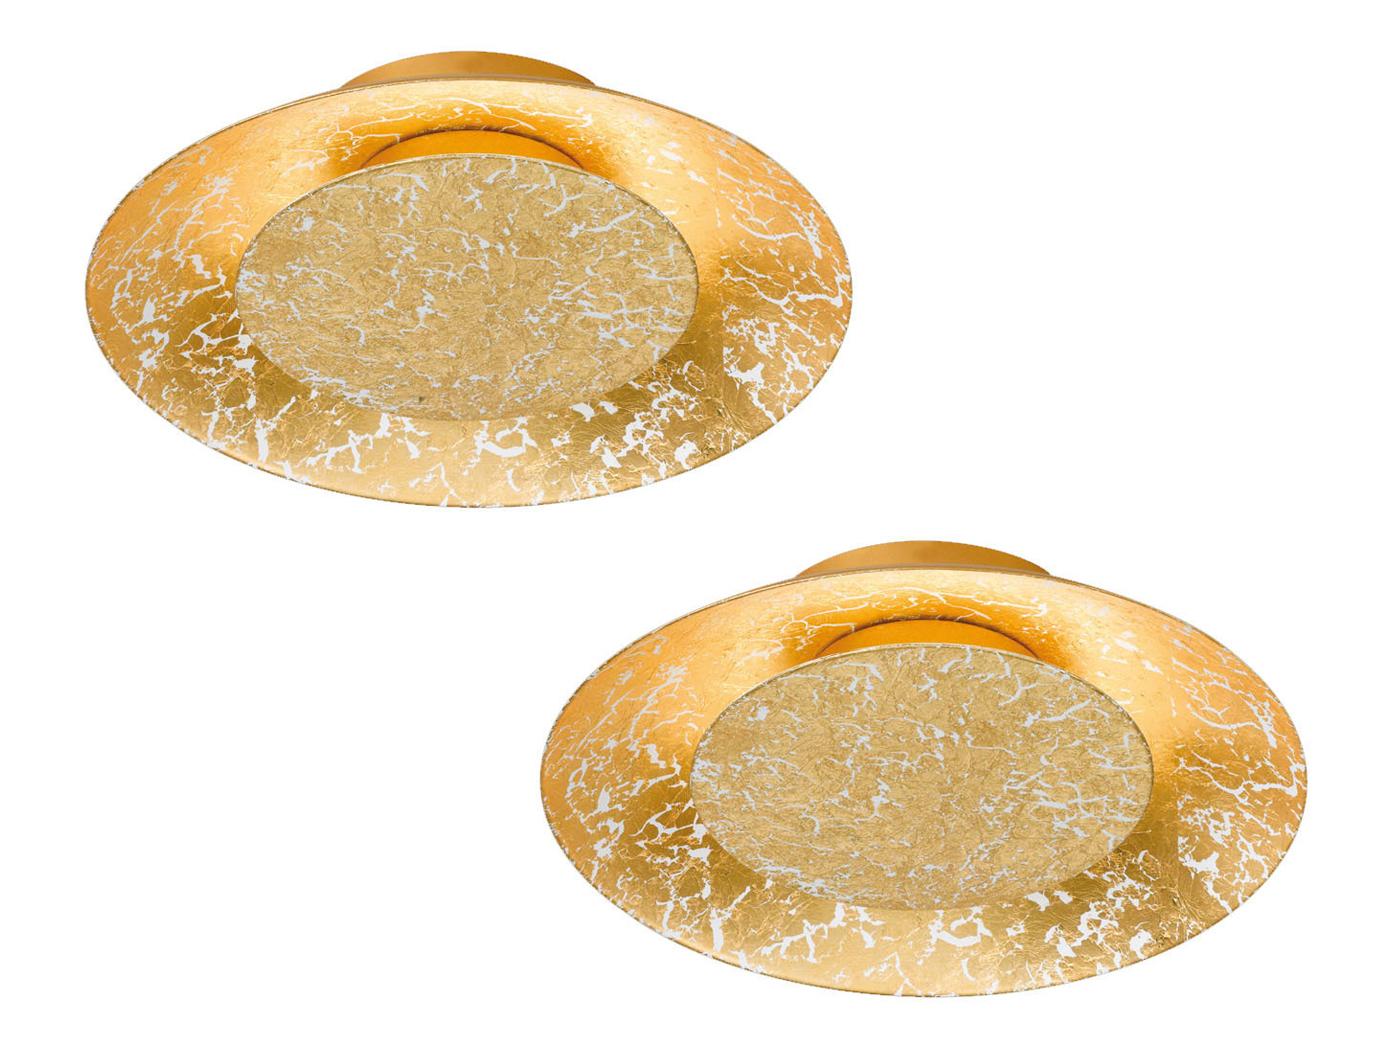 2x runde Design LED Deckenlampe SHINE Farbe gold Ø 21,5cm, Samsung LED, Fischer